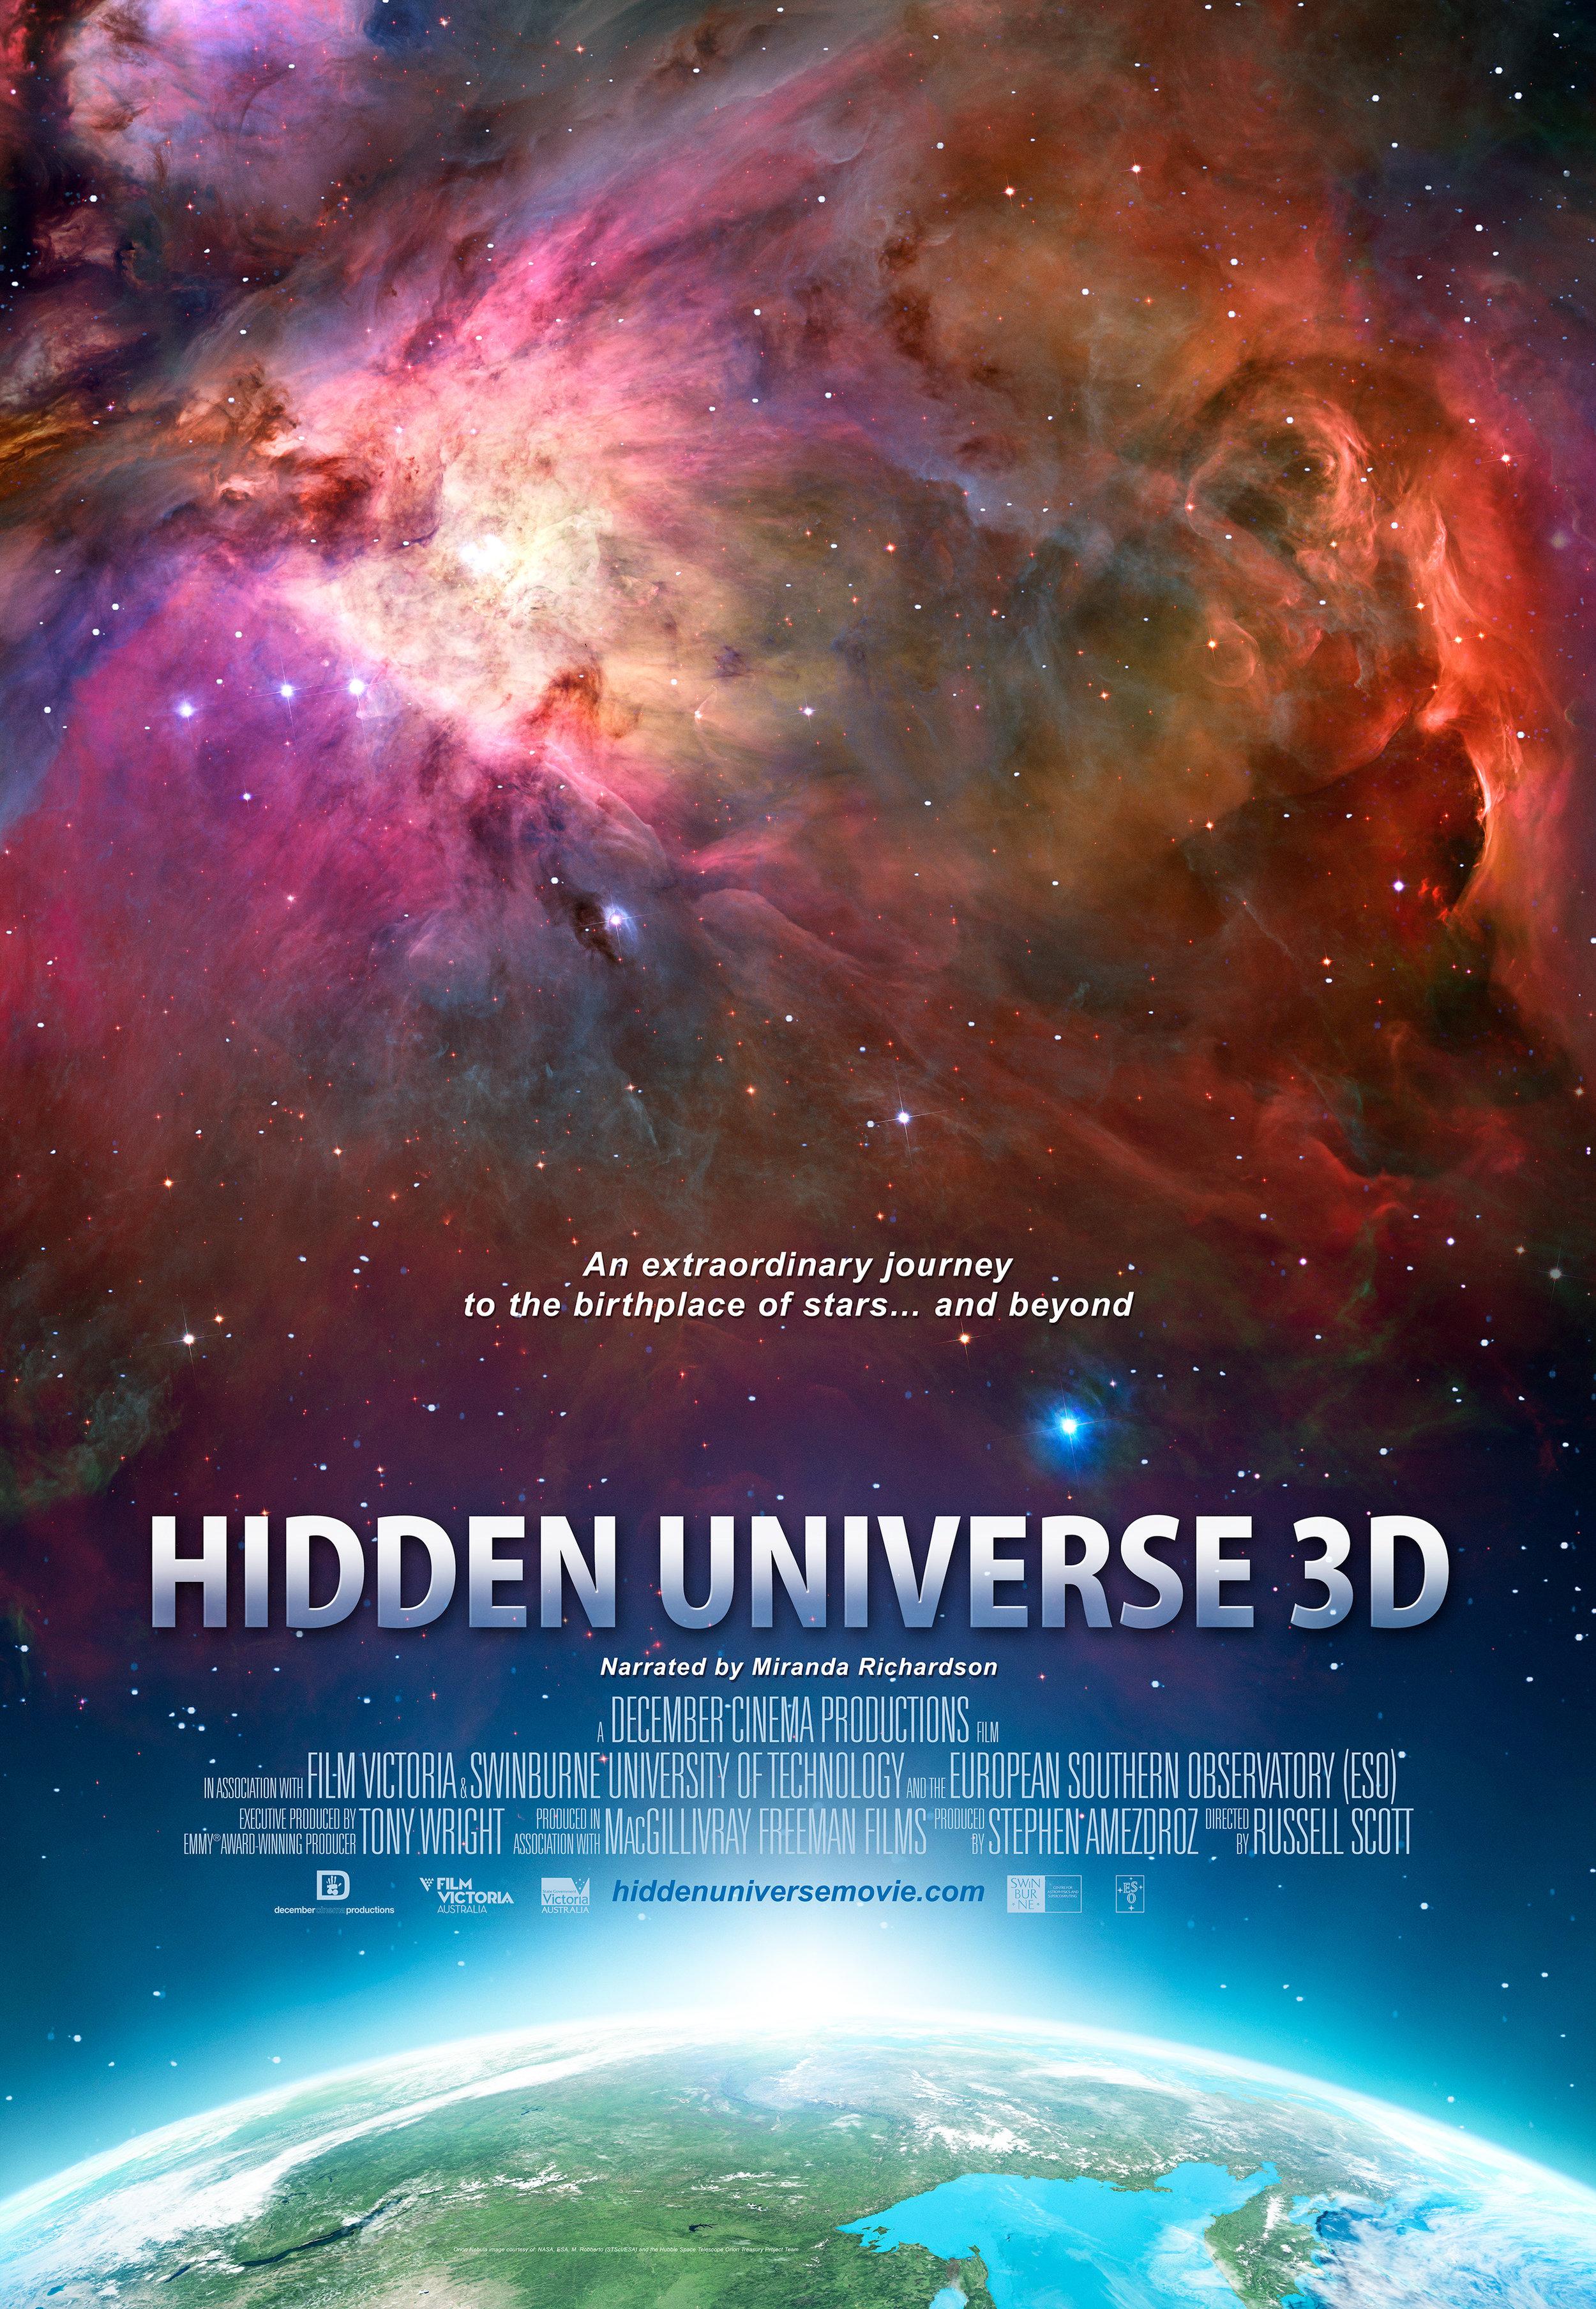 testHIDDEN UNIVERSE 3D poster.jpg